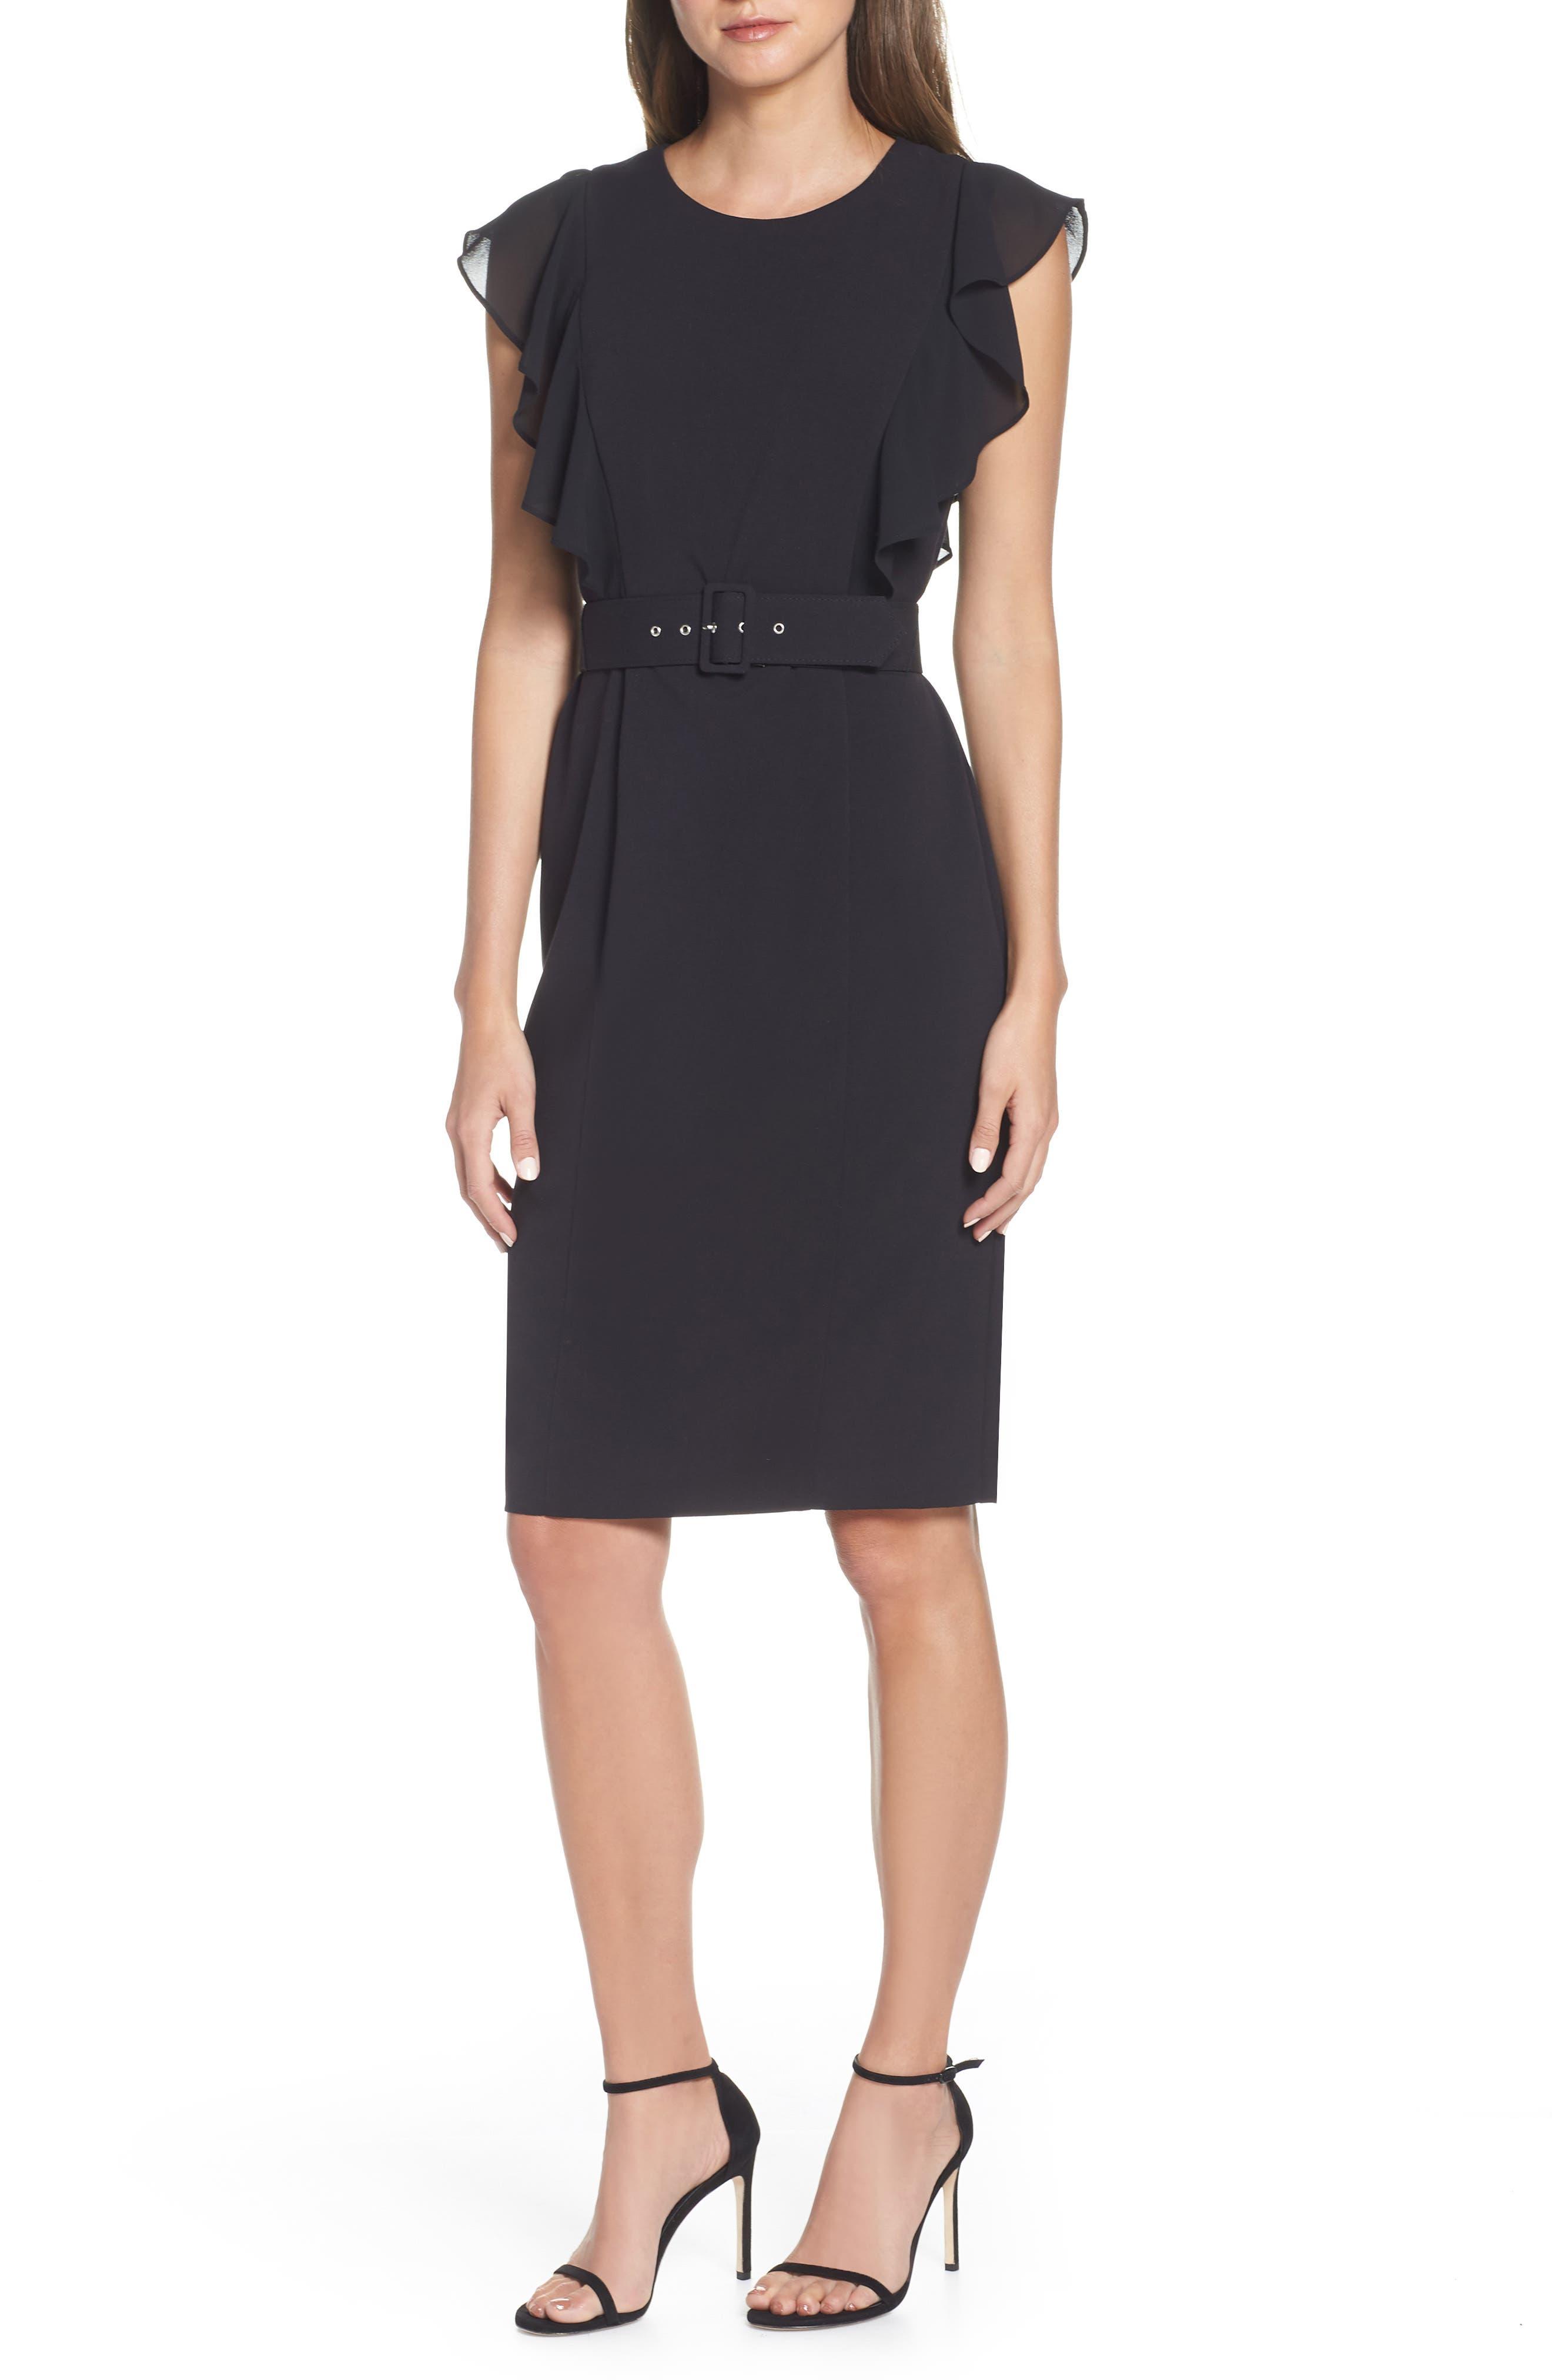 HARPER ROSE Belted Sheath Dress, Main, color, BLACK